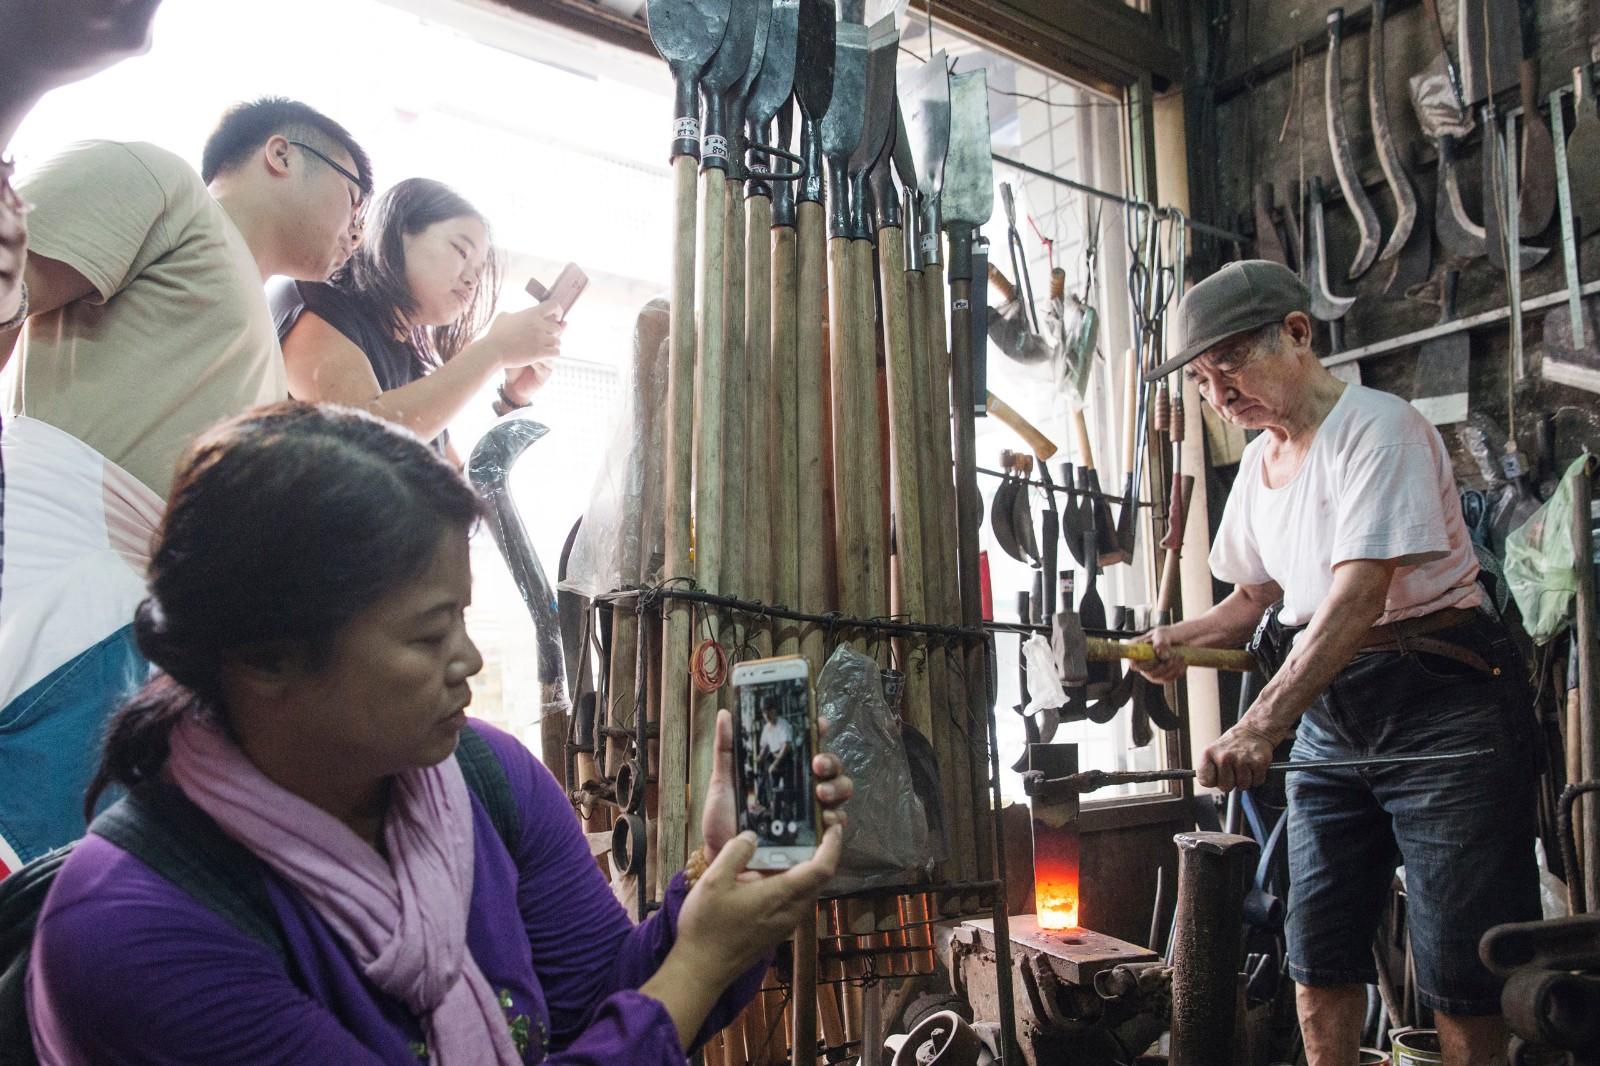 一日職人DIY體驗 - 三峽打鐵職人   甘樂文創   甘之如飴,樂在其中